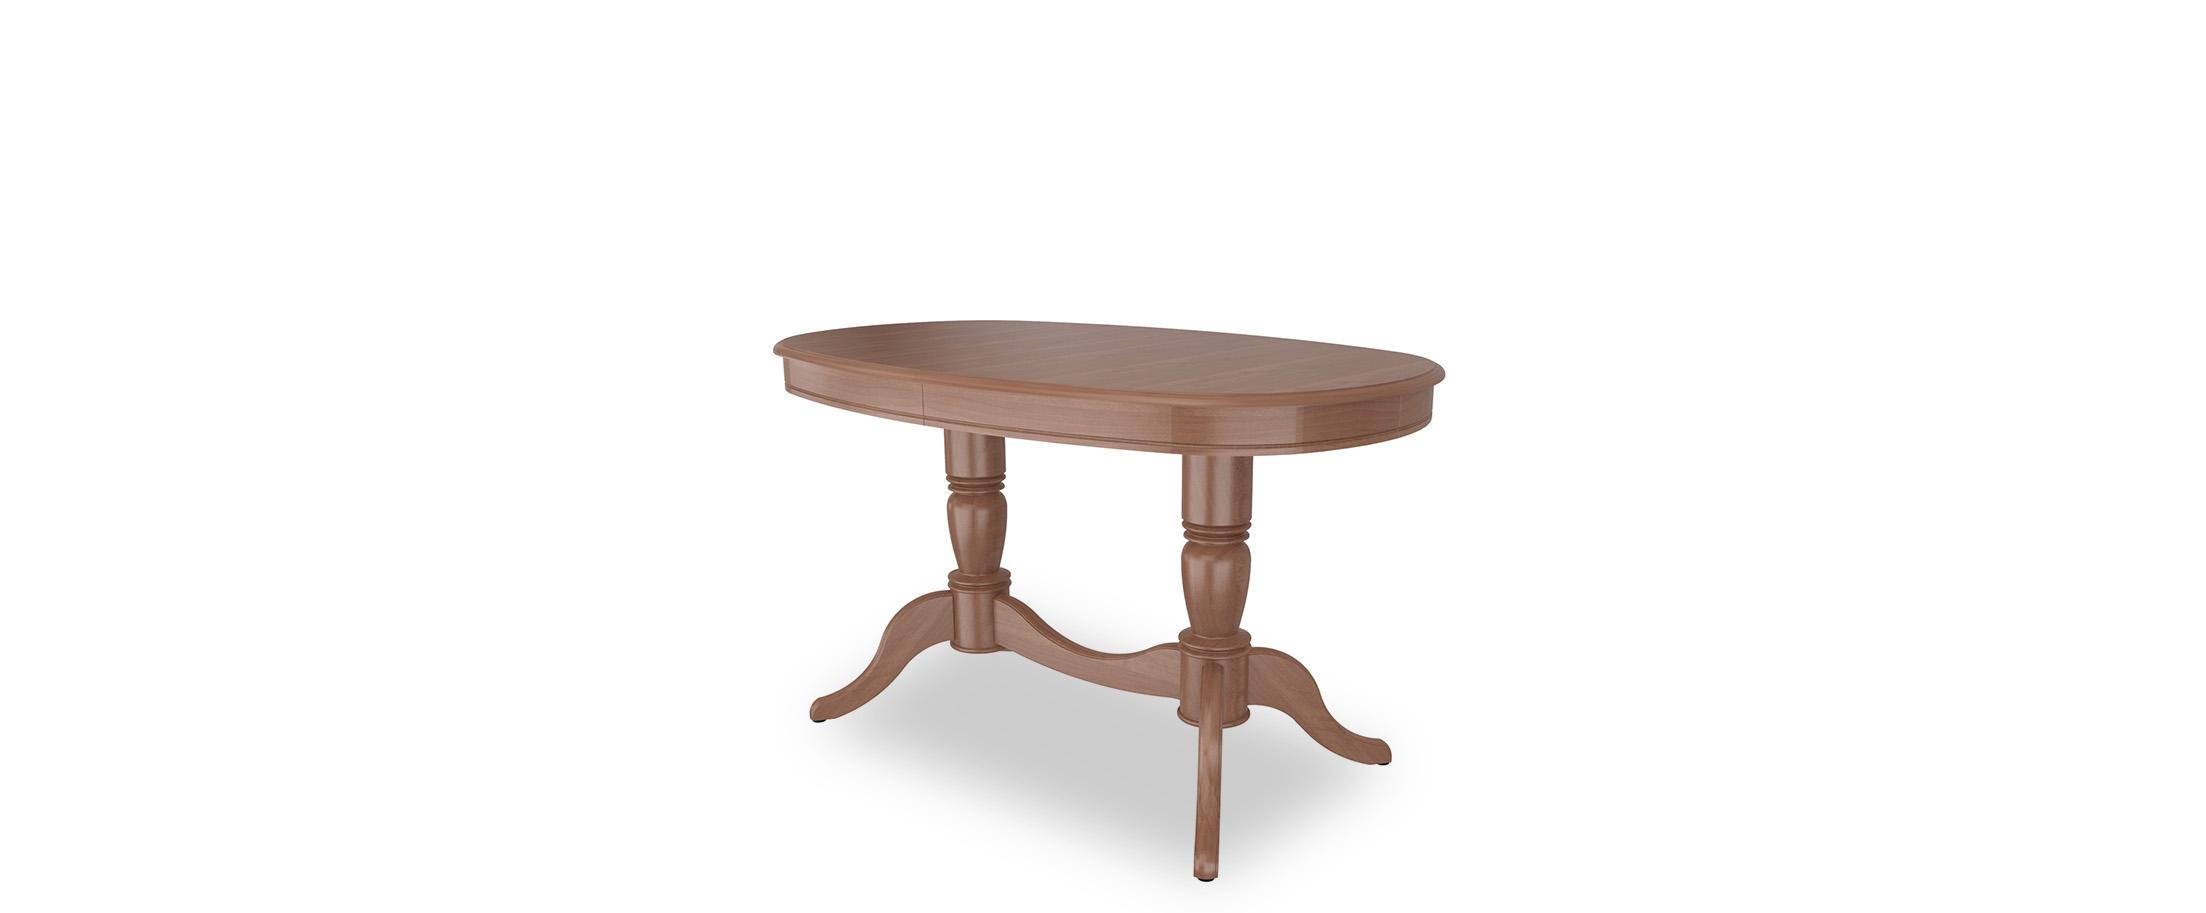 Стол обеденный Фламинго 9 Вишня Модель 370Ножки стола из массива дерева, столешница из шпона МДФ. Не образует трещин, идеально сохраняет компактную овальную форму. Гарантия 18 месяцев. Доставка от 1 дня.  Артикул: Д000130.<br>